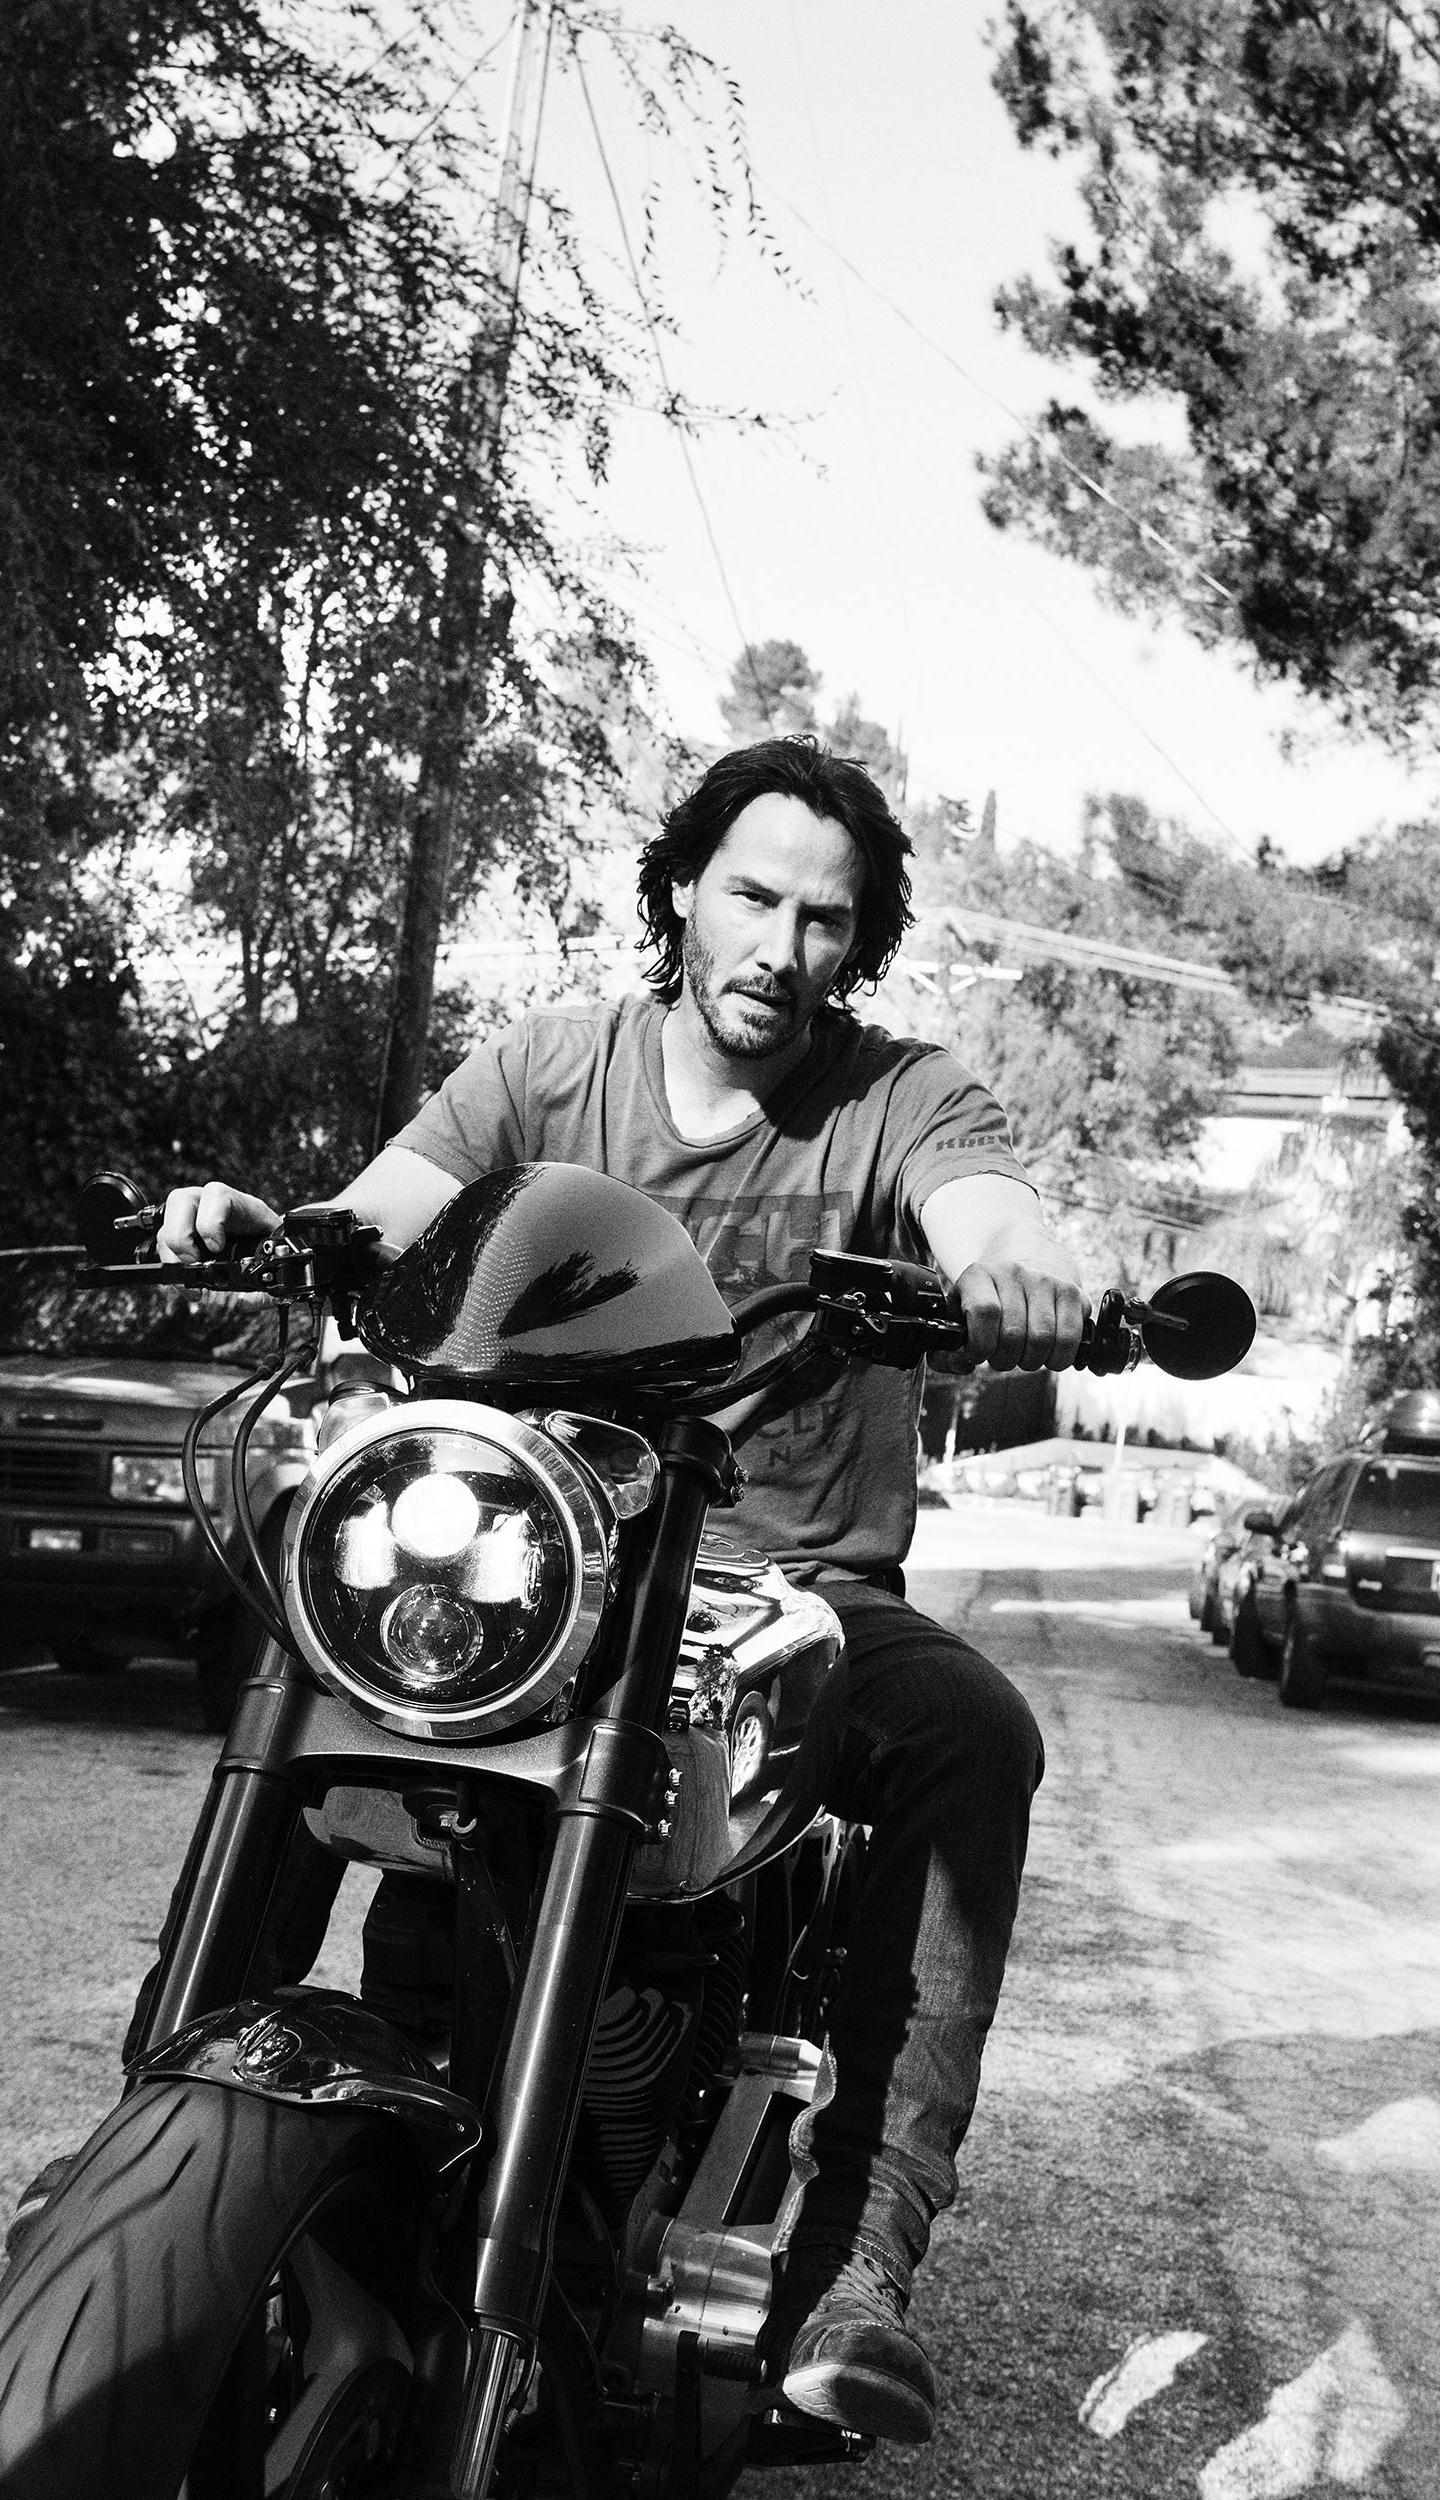 download 1440x2880 wallpaper keanu reeves, on bike, actor